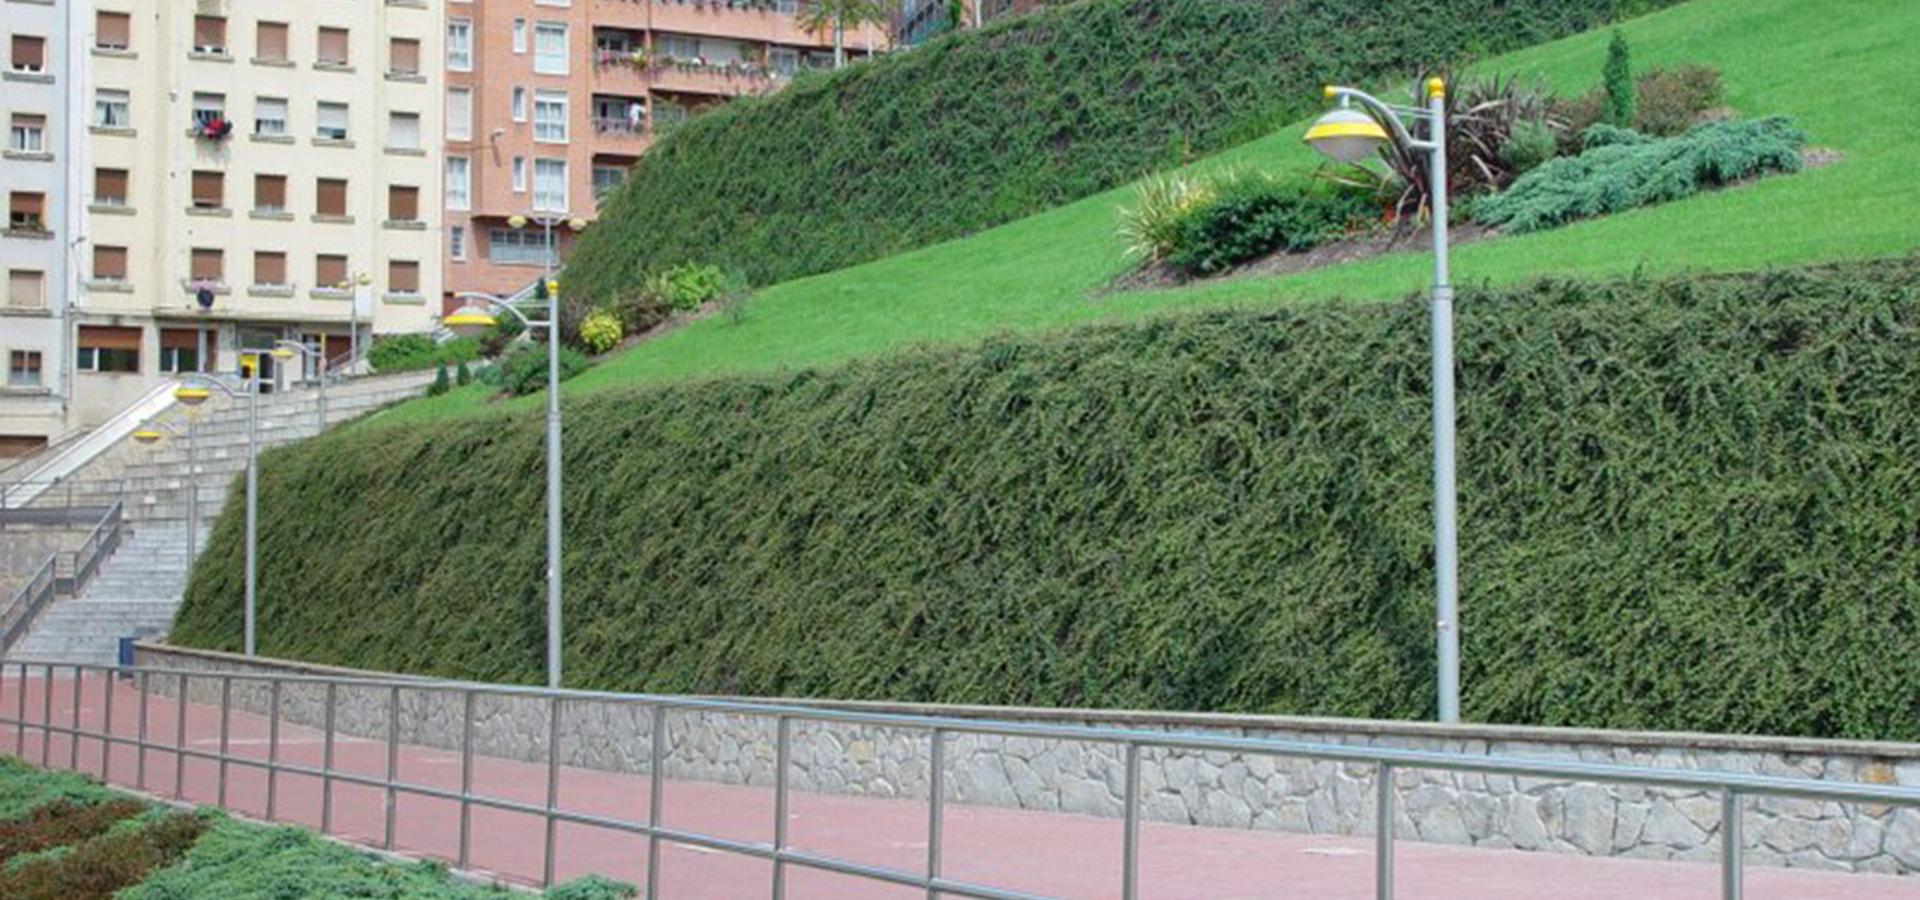 muro de contencion, muro verde gaztambide, muro de contención, ecológico, geomallas